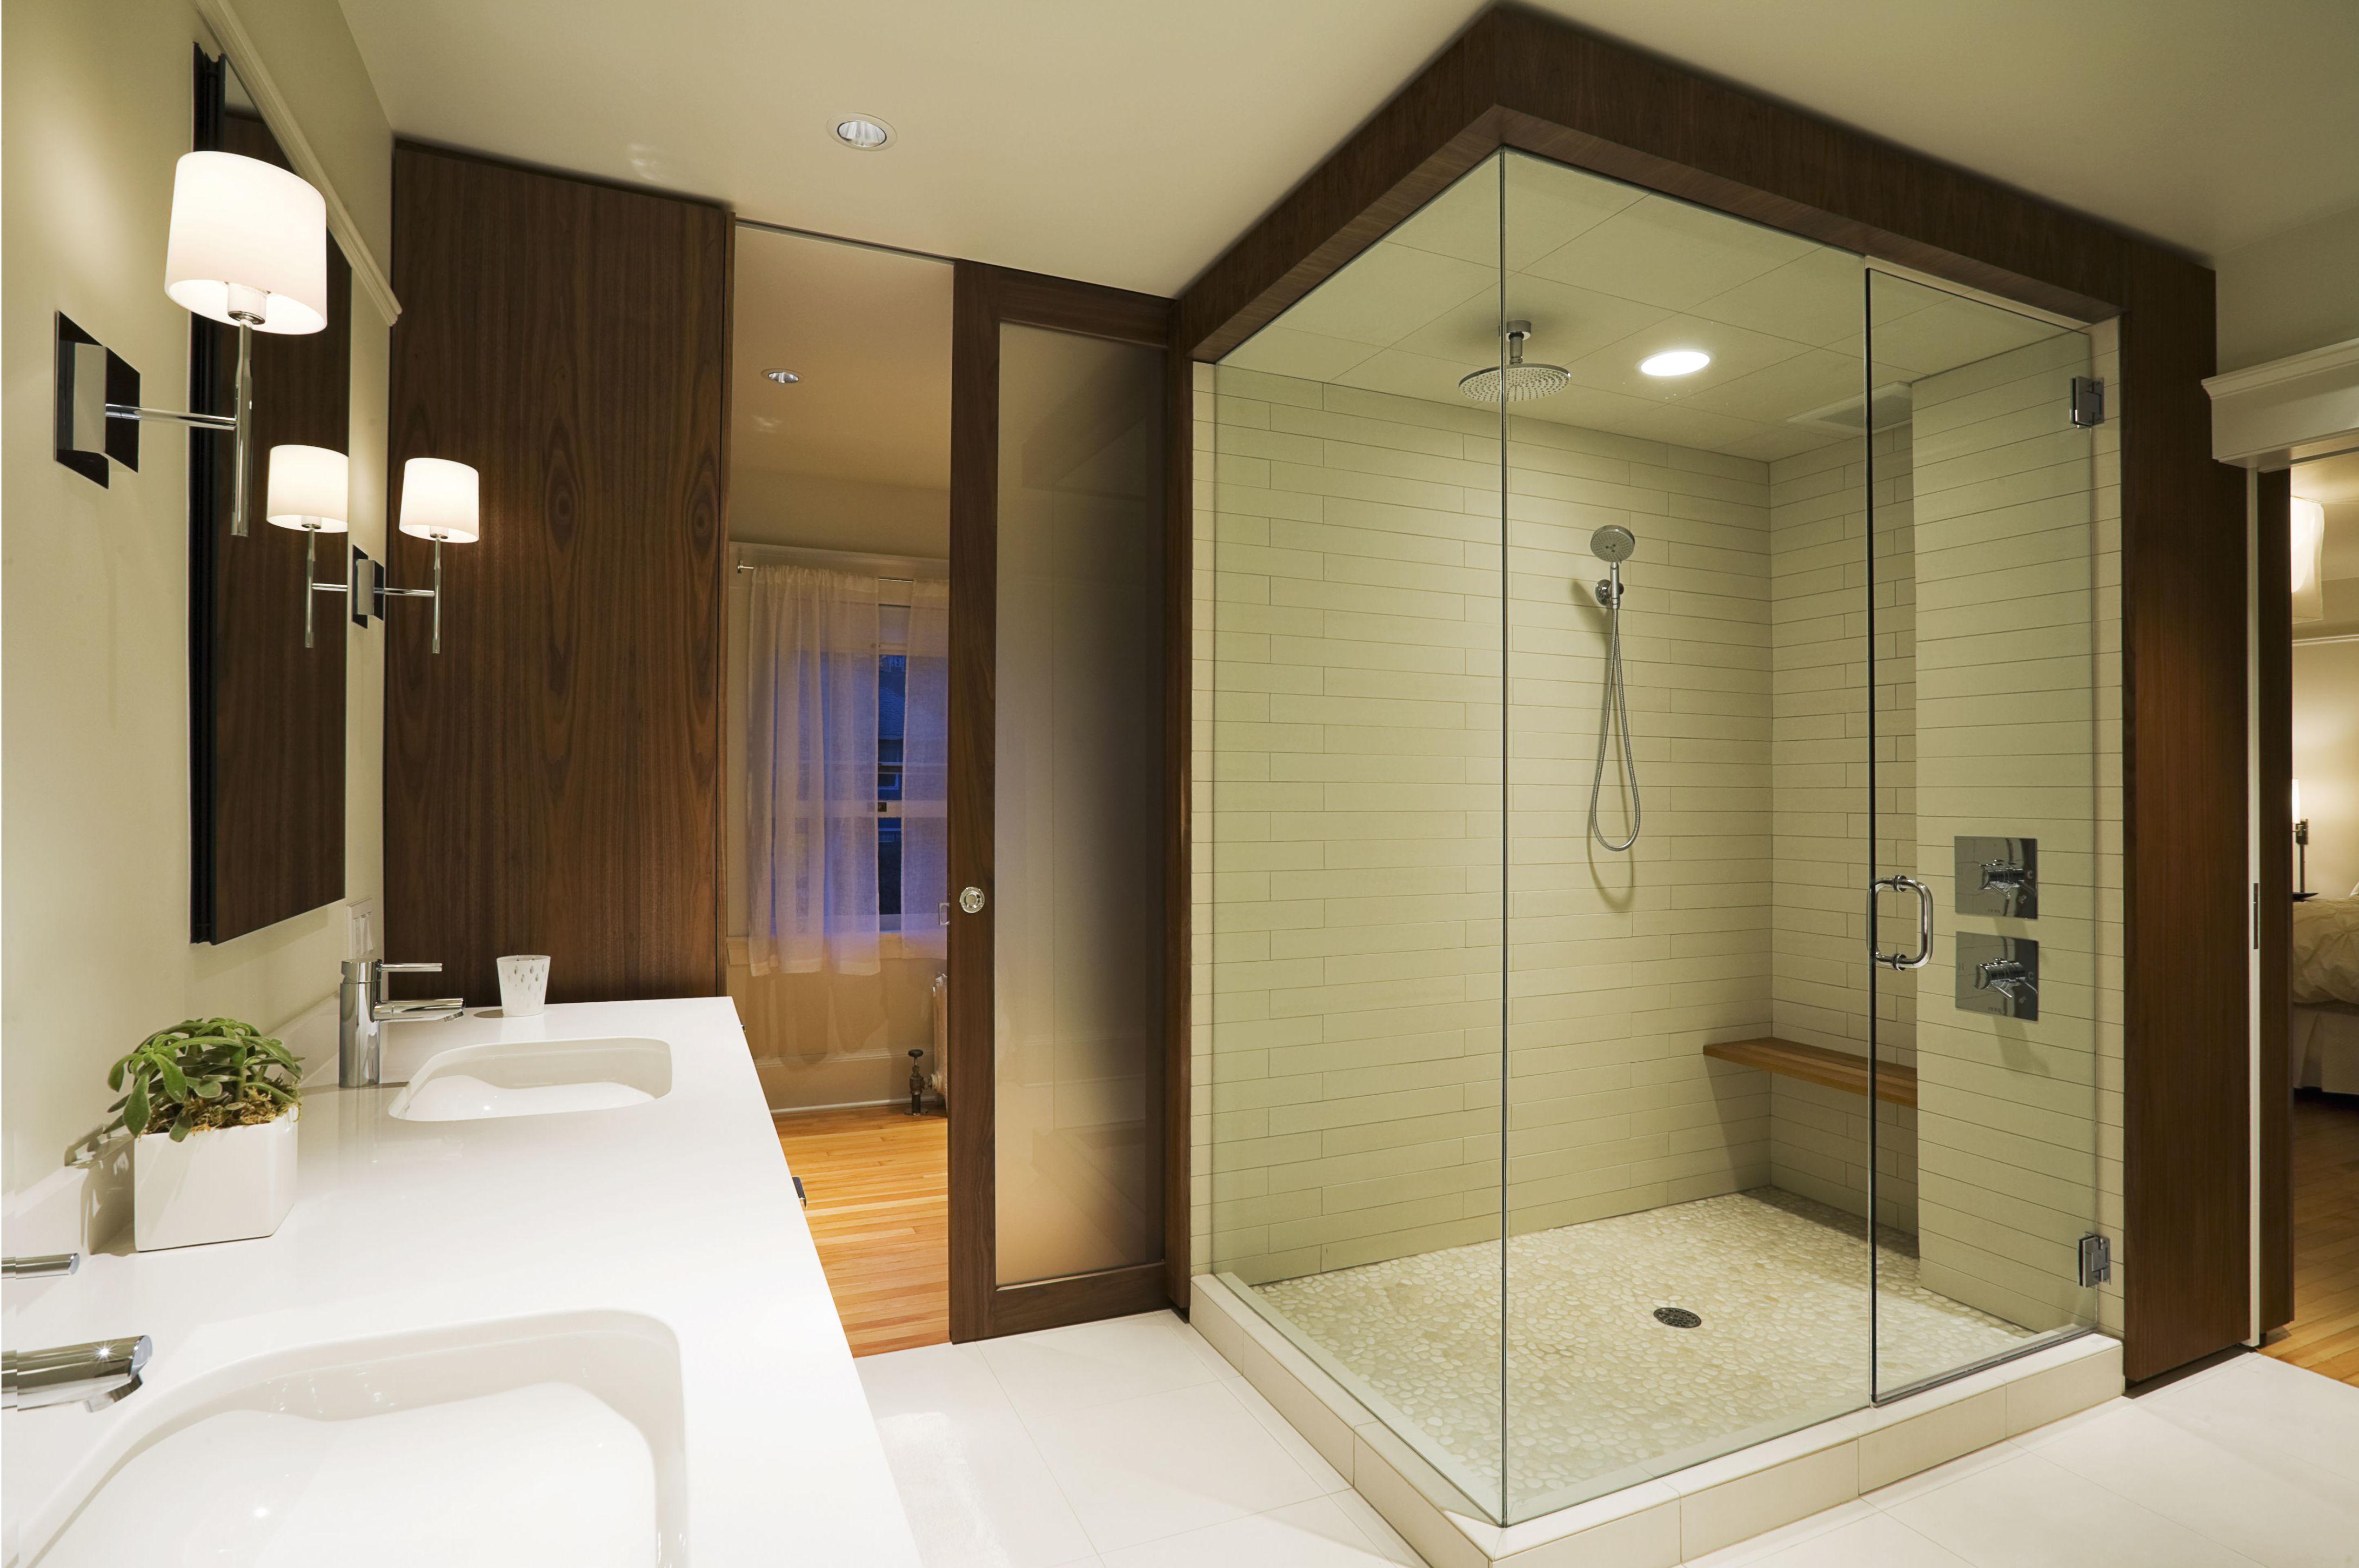 Mamparas de baño : Productos y servicios de Montajes Juanjo